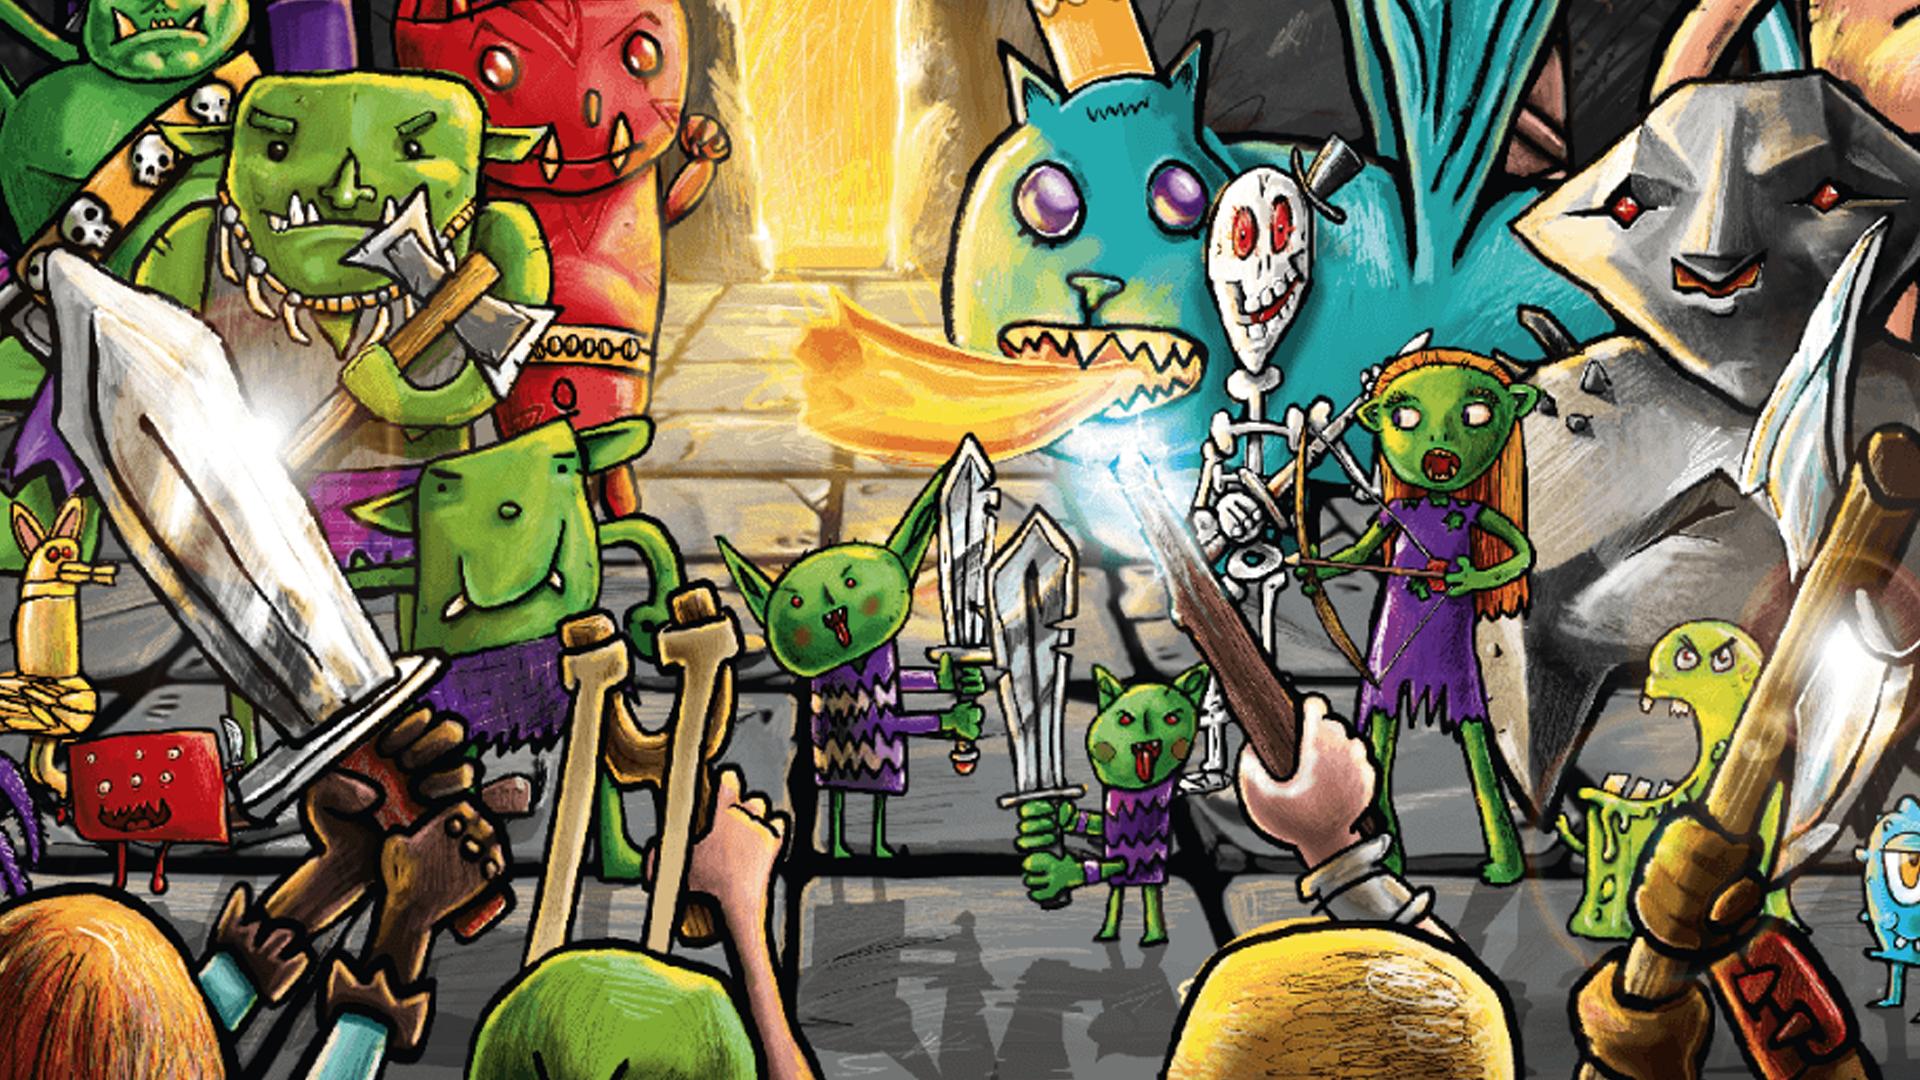 Coraquest board game artwork